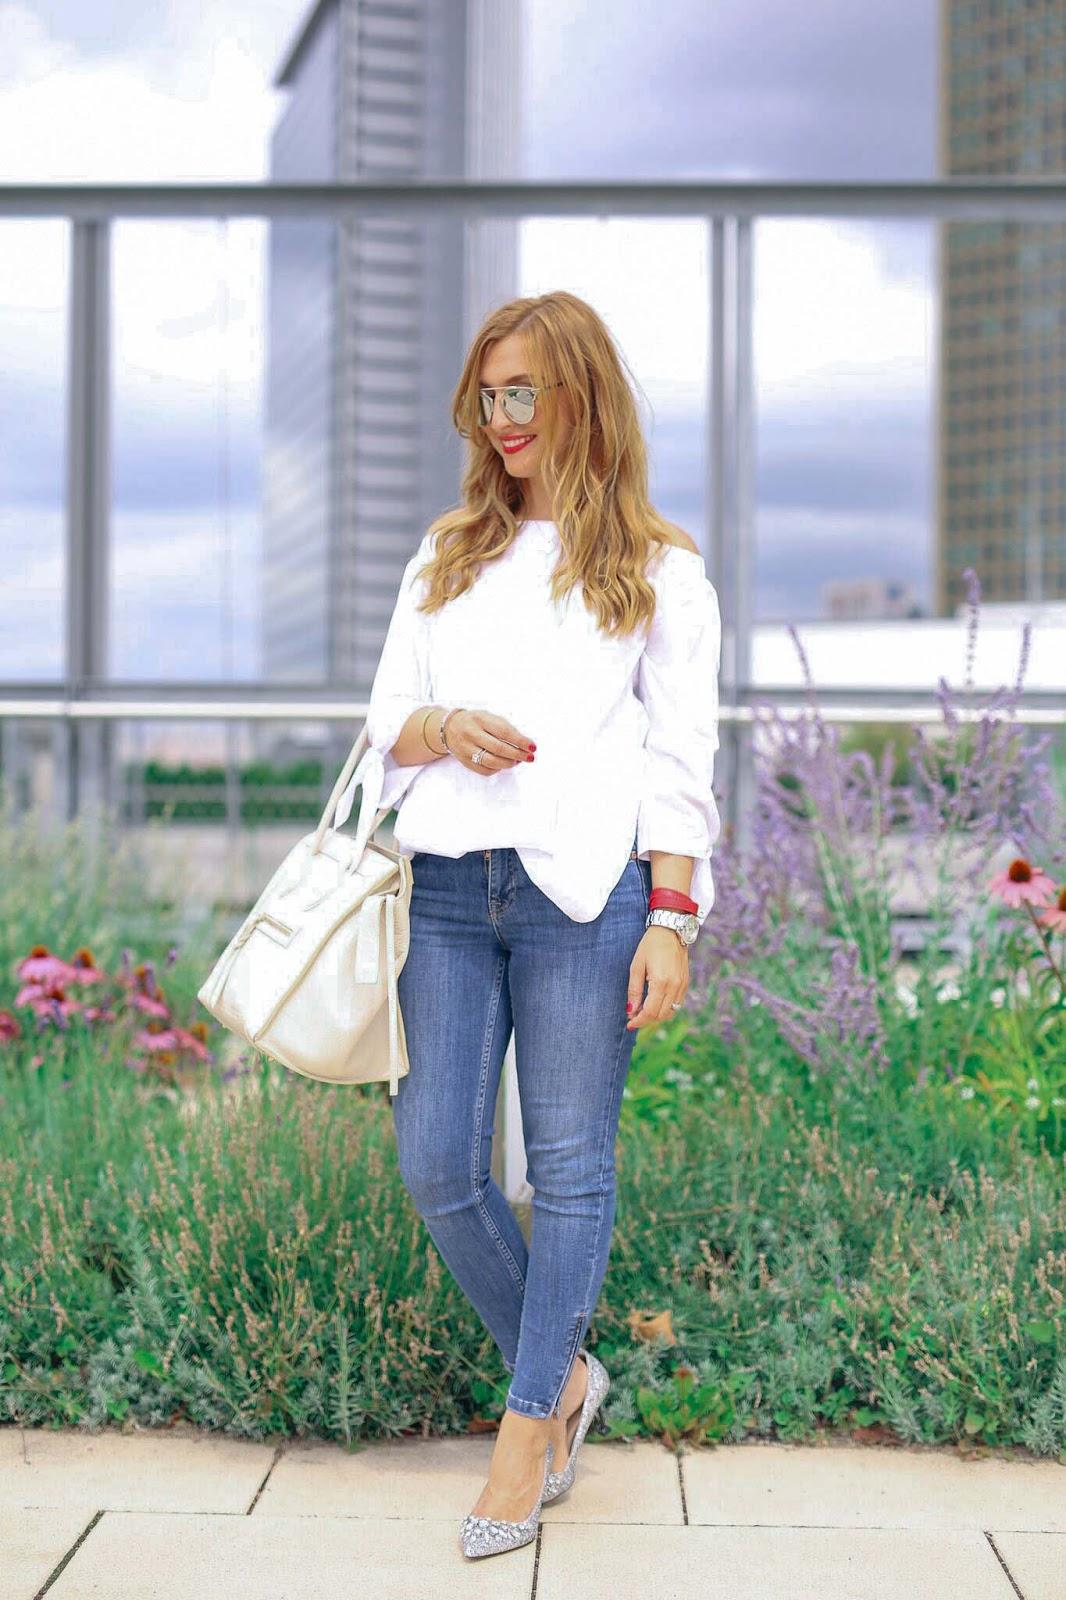 Blogger-aus-deutschland-deutsche-fashionblogger-fashionstylebyjohanna